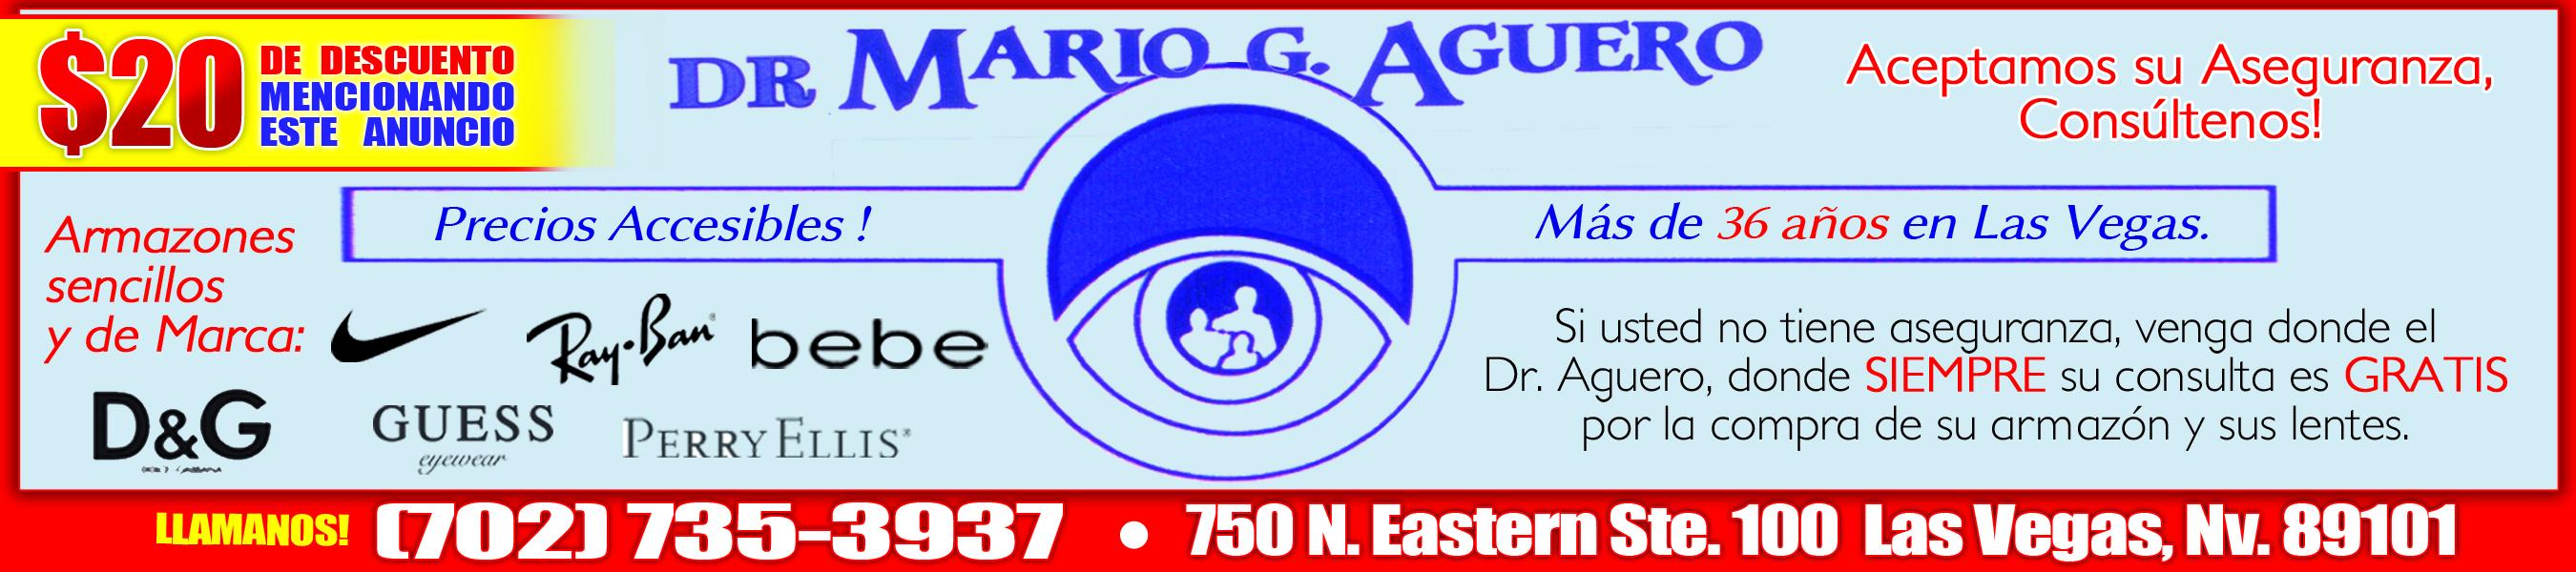 http://www.solo-ofertas-usa.com/wp-content/uploads/2016/01/DR.-AGUERO-bbdoble.jpg